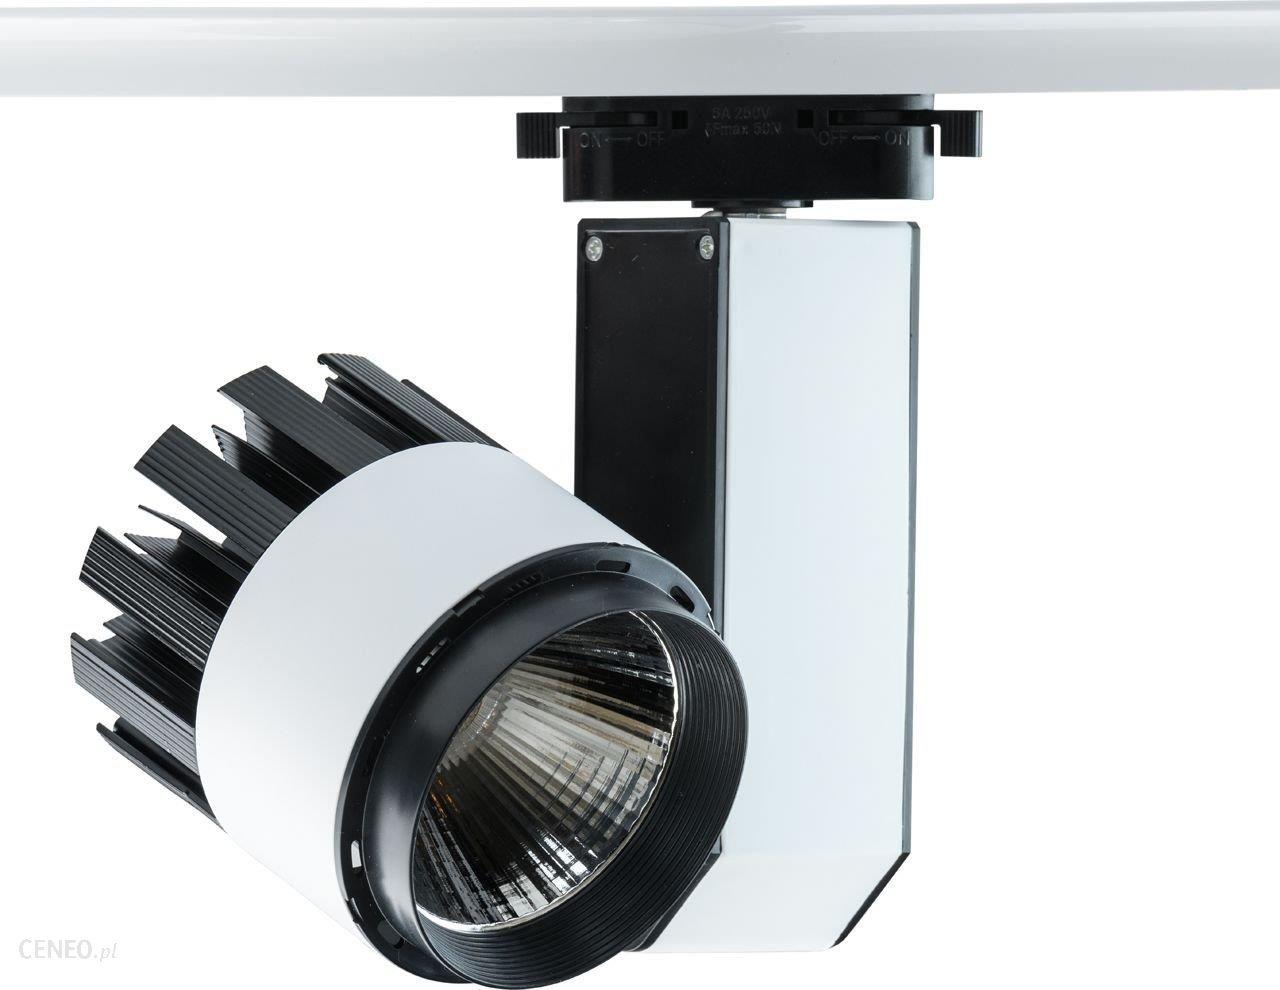 Demarkt Trade Mark Oświetlenie Sufitowe Punktowe Techno 550010801 Opinie I Atrakcyjne Ceny Na Ceneopl